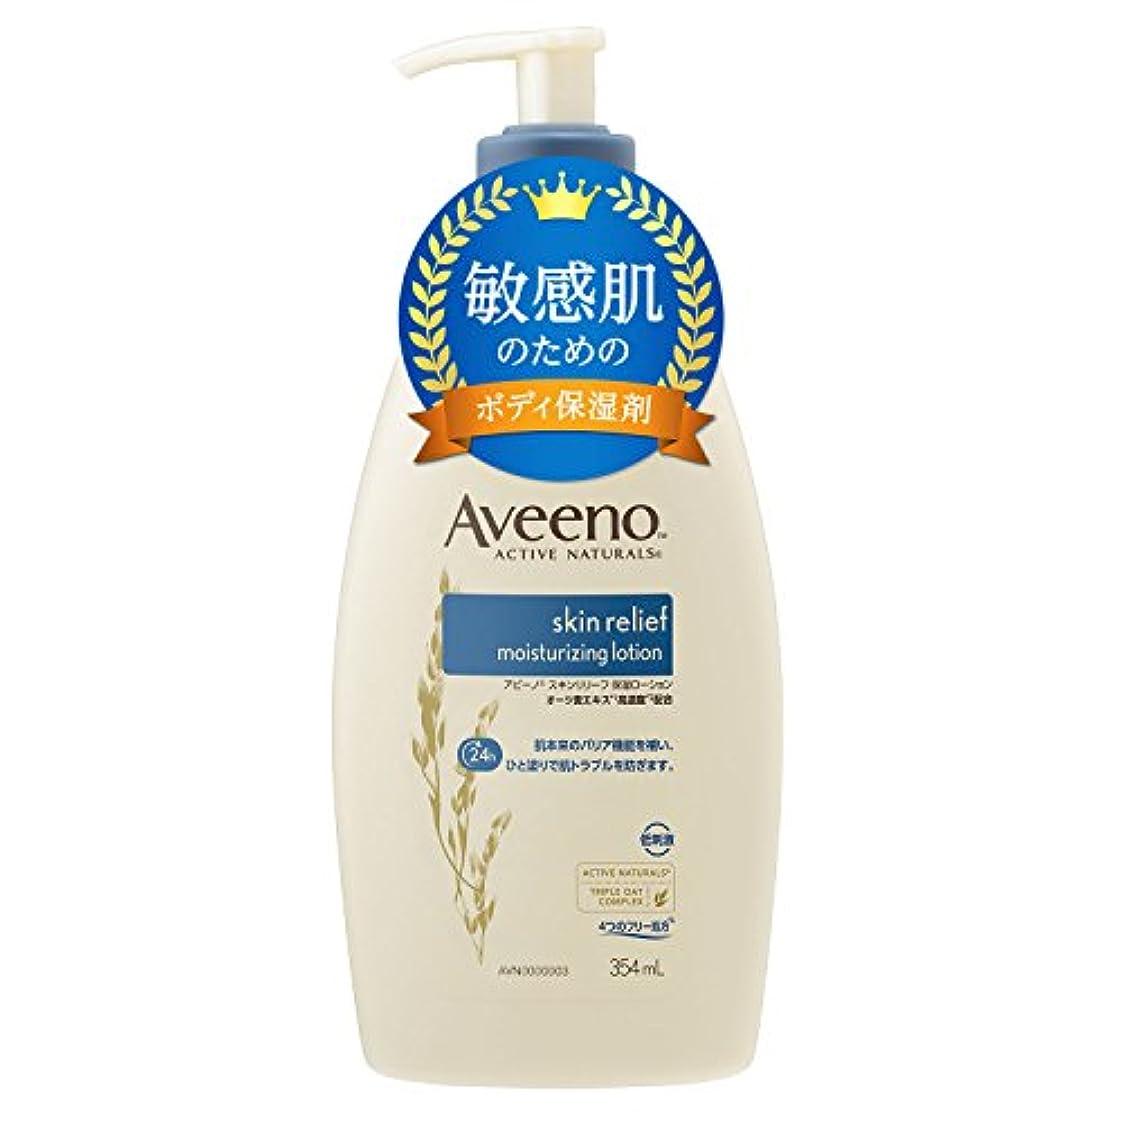 全滅させる試す泥【Amazon.co.jp限定】Aveeno(アビーノ) スキンリリーフ 保湿ローション 354ml 【極度の乾燥肌、敏感肌の方向け】